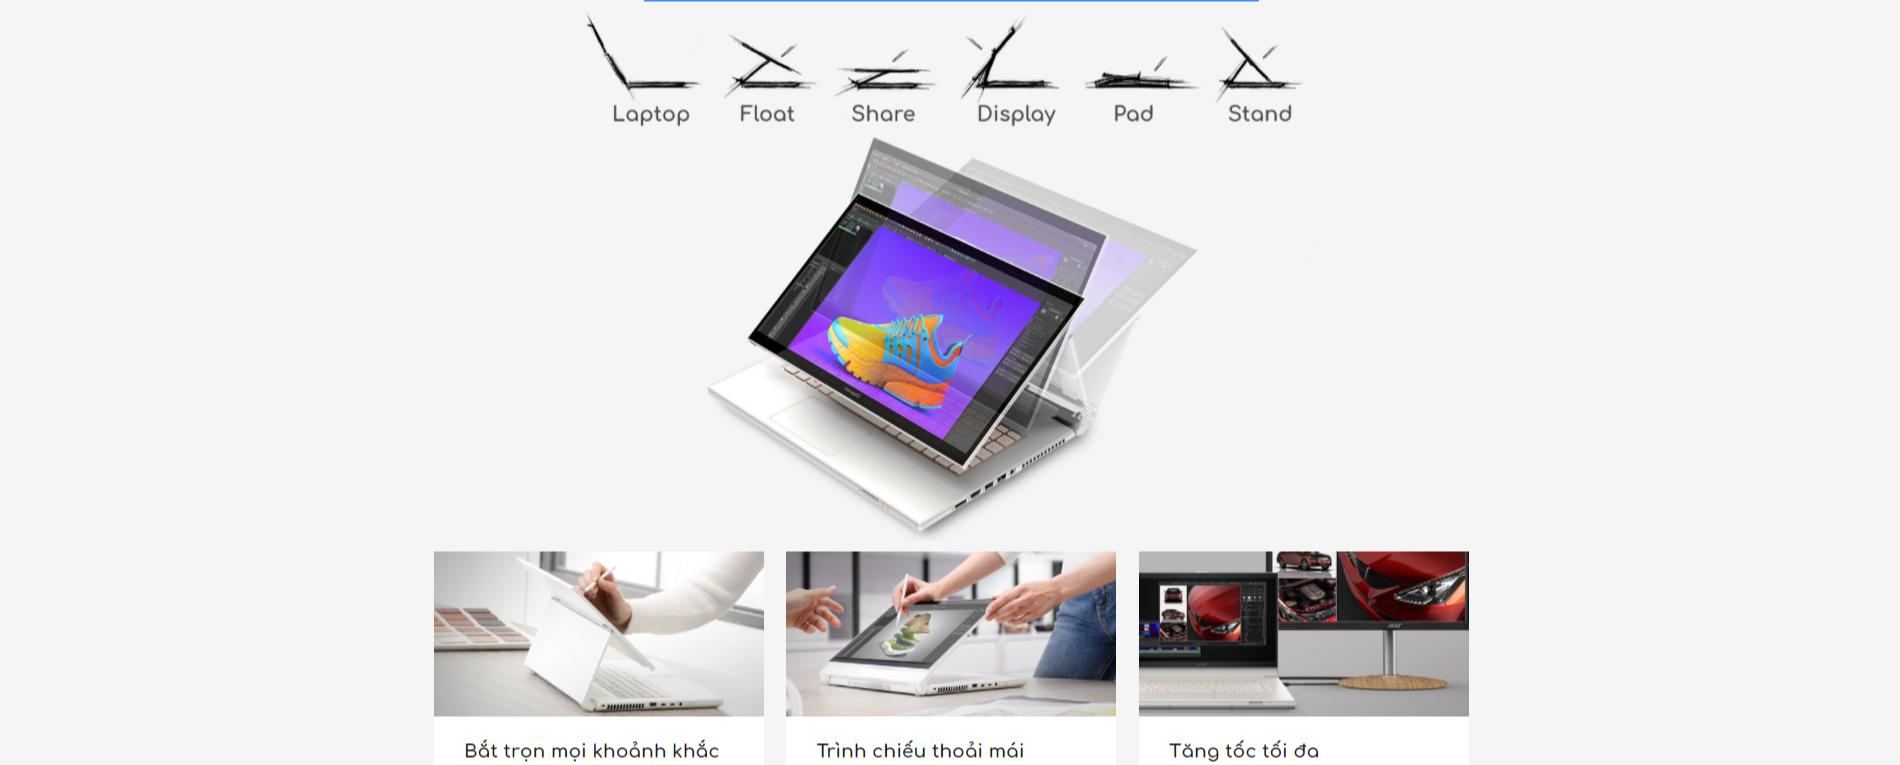 ConceptD 7 Ezel Pro với bản lề biến hình 6 phong cách